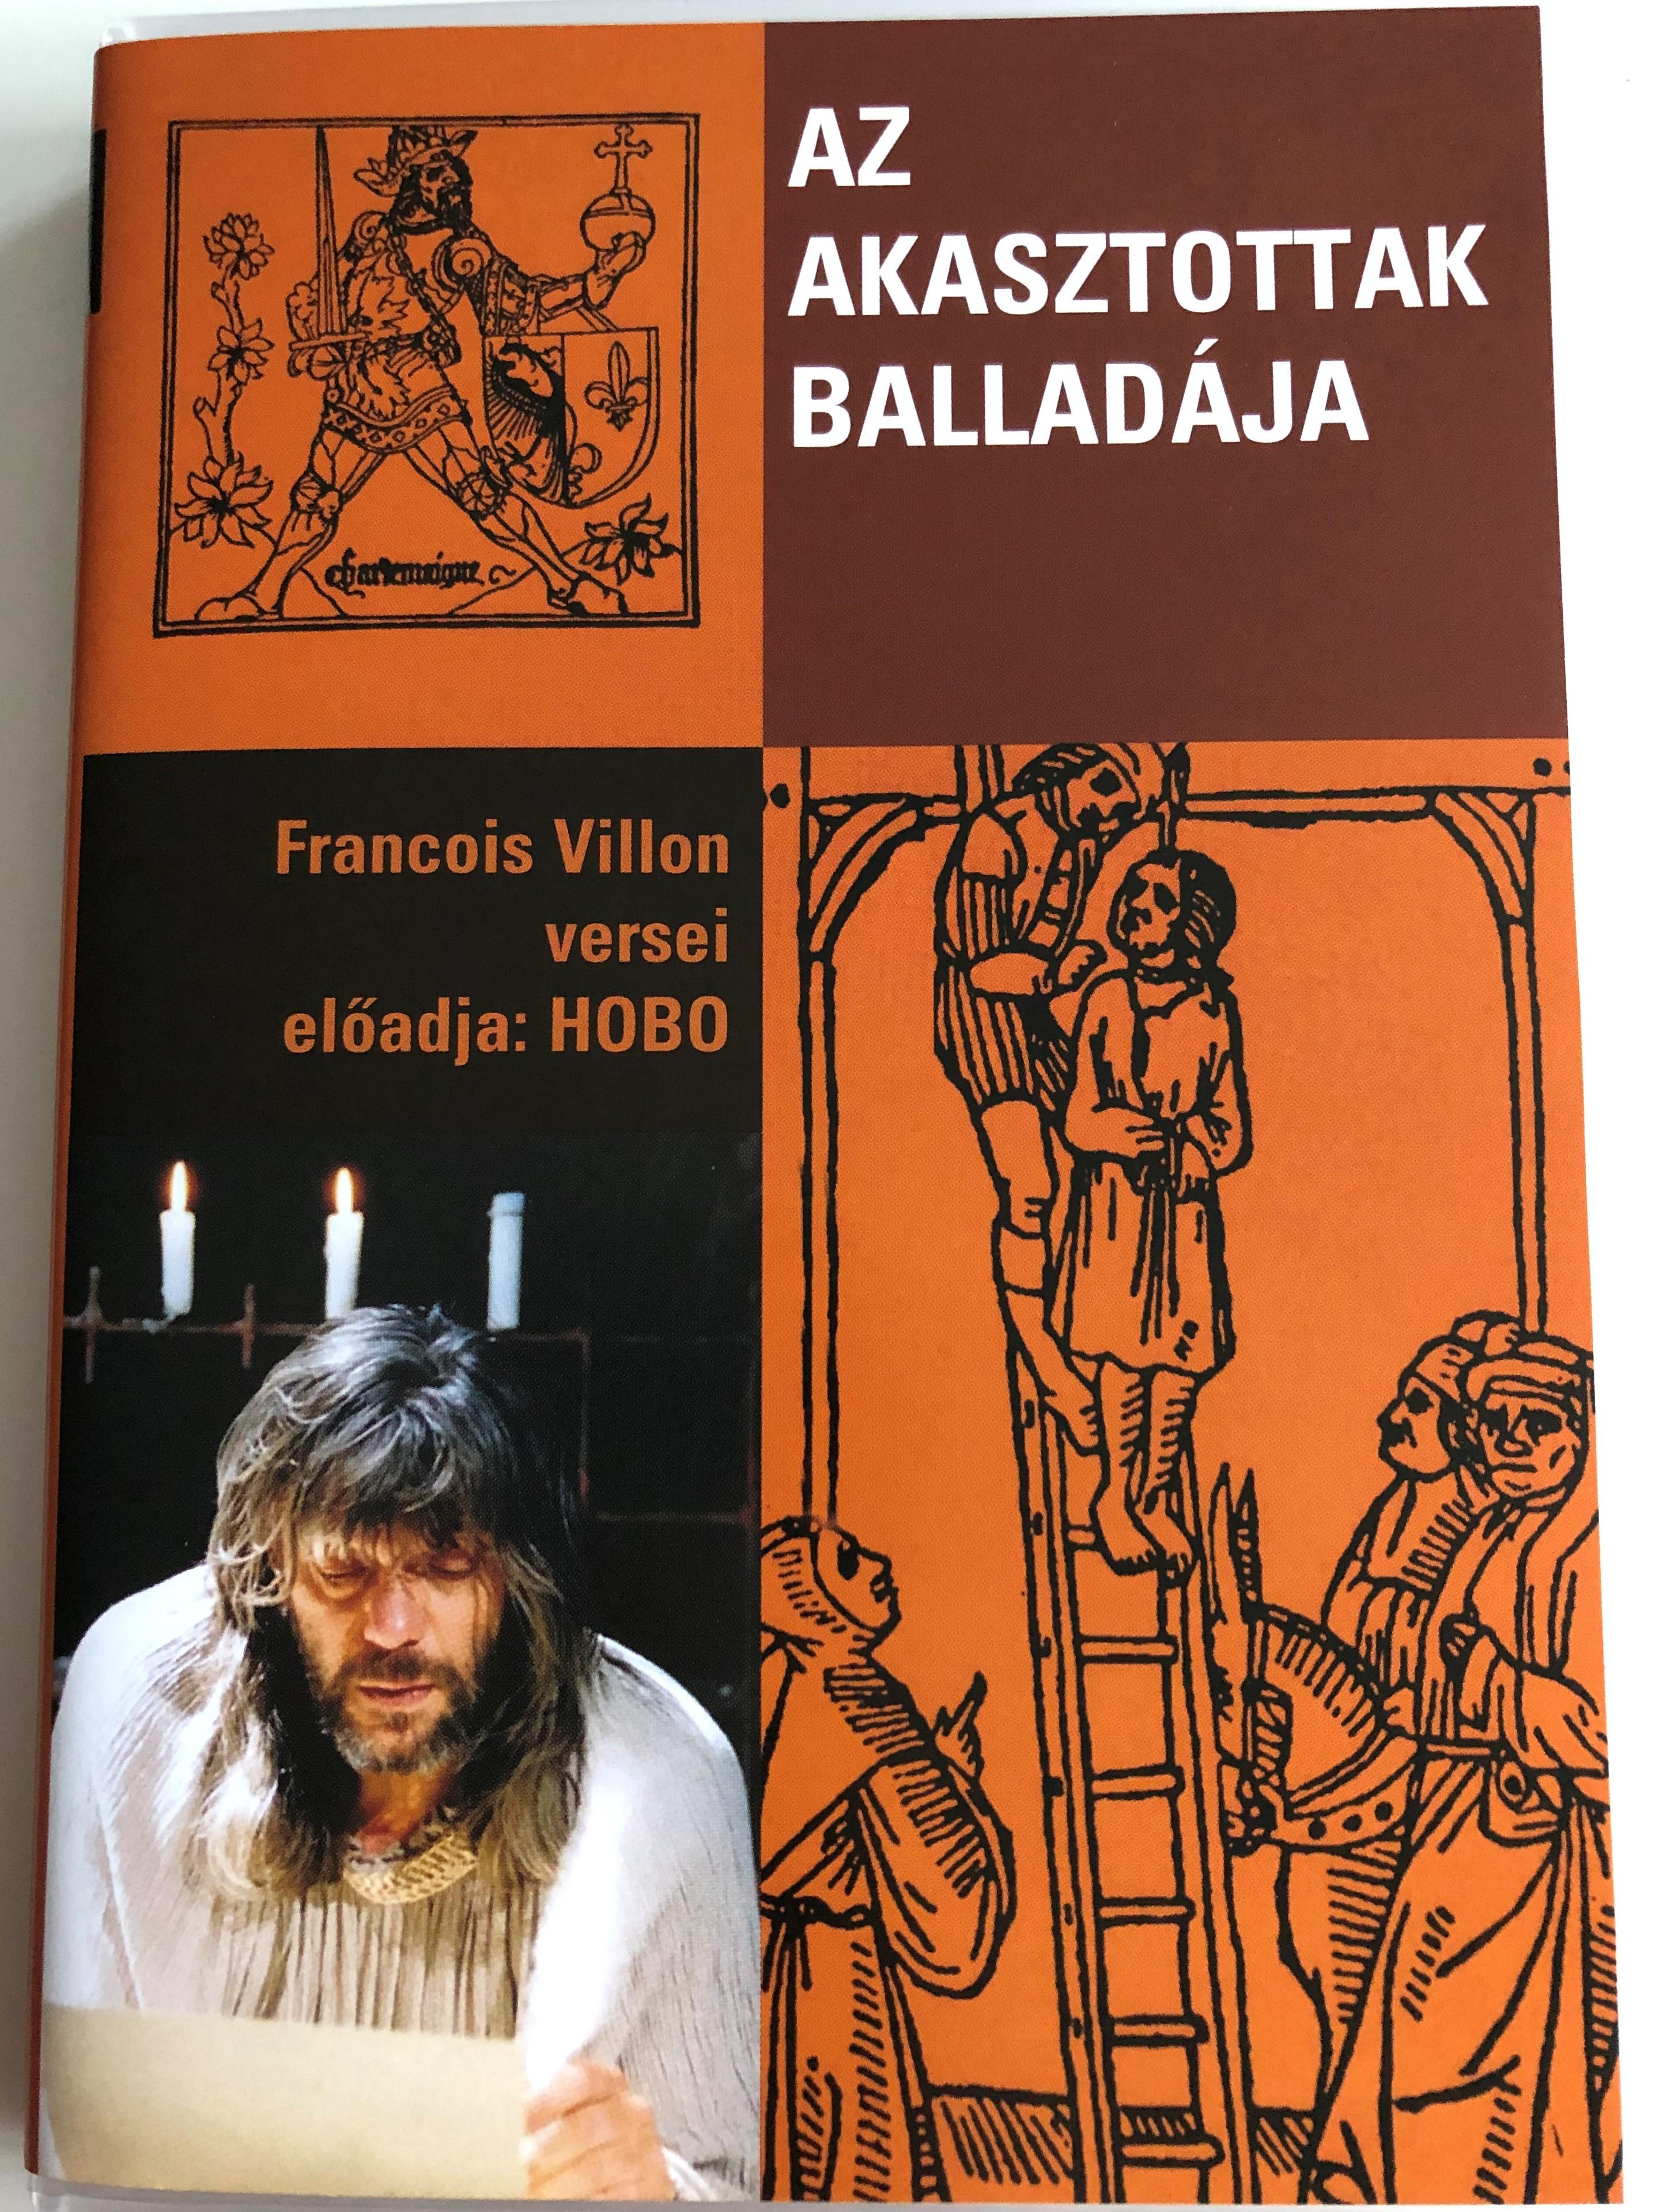 az-akasztottak-ballad-ja-dvd-2006-francois-villon-versei-1-.jpg